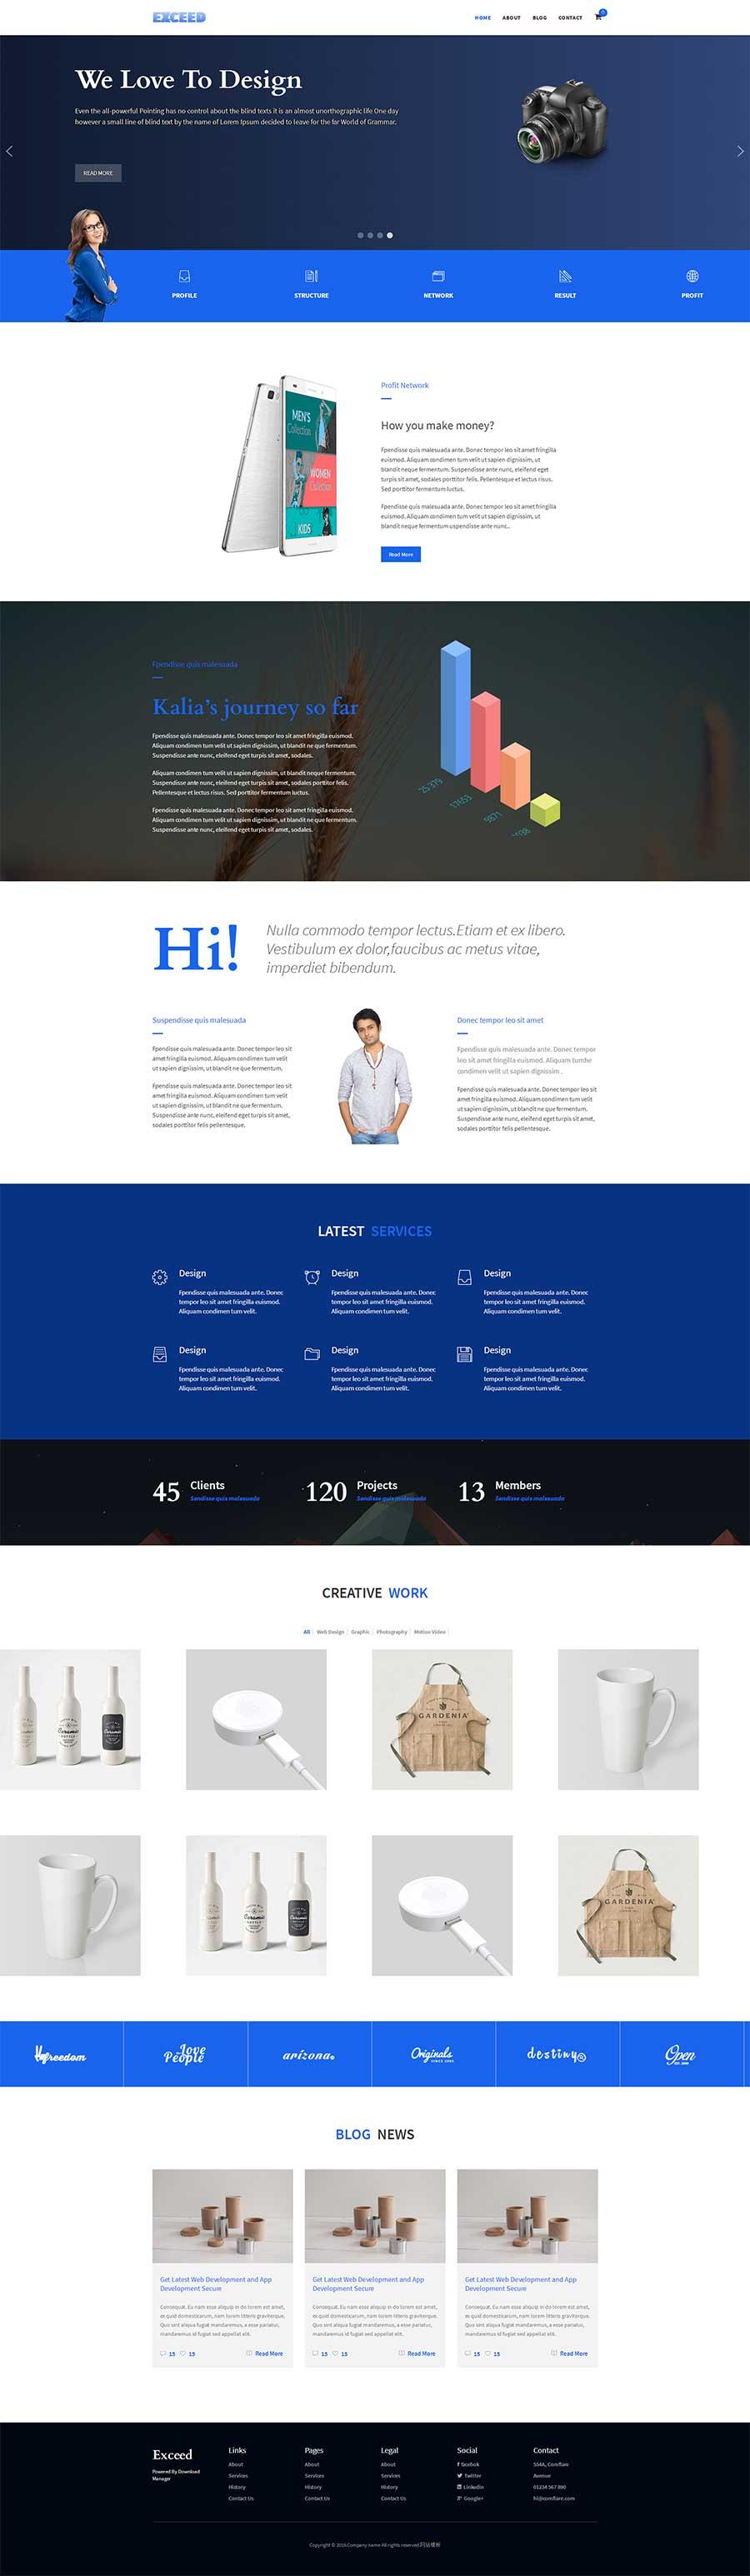 蓝色大气html5响应式UI设计公司网站模板